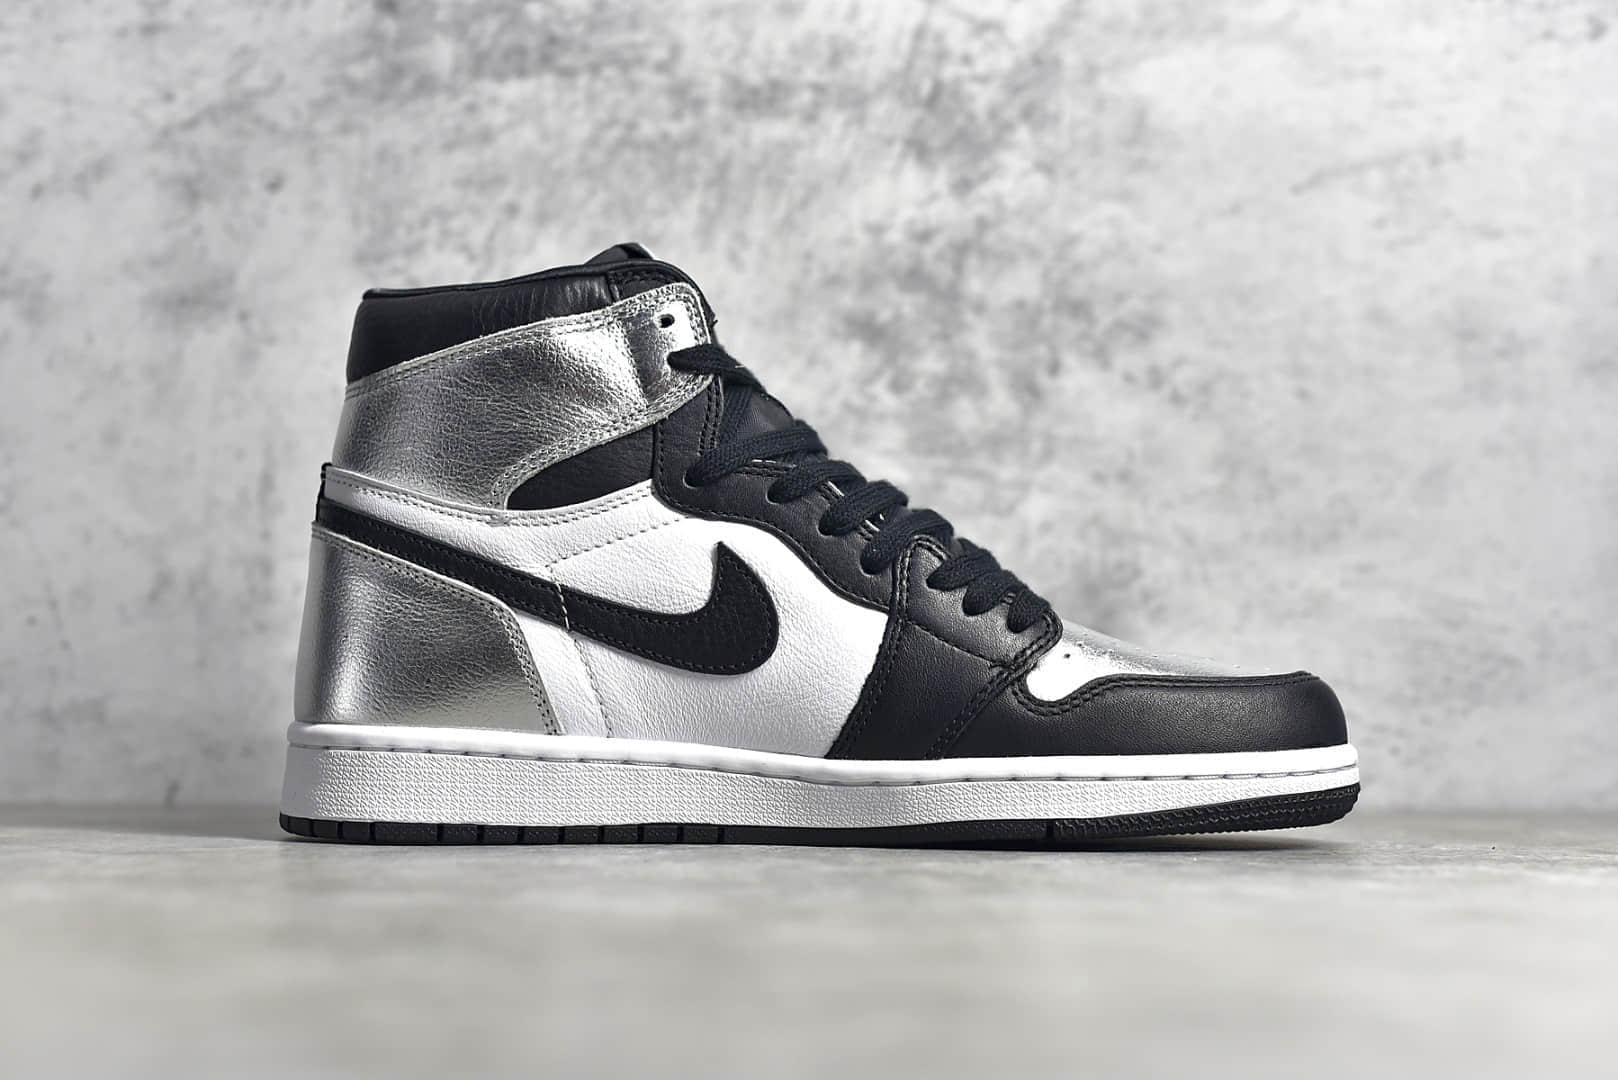 """AJ1黑银脚趾小伦纳德高帮 Air Jordan 1 Retro """"Silver Toe"""" 黑银脚趾漆皮头层皮拼接 货号:CD0461-001-潮流者之家"""